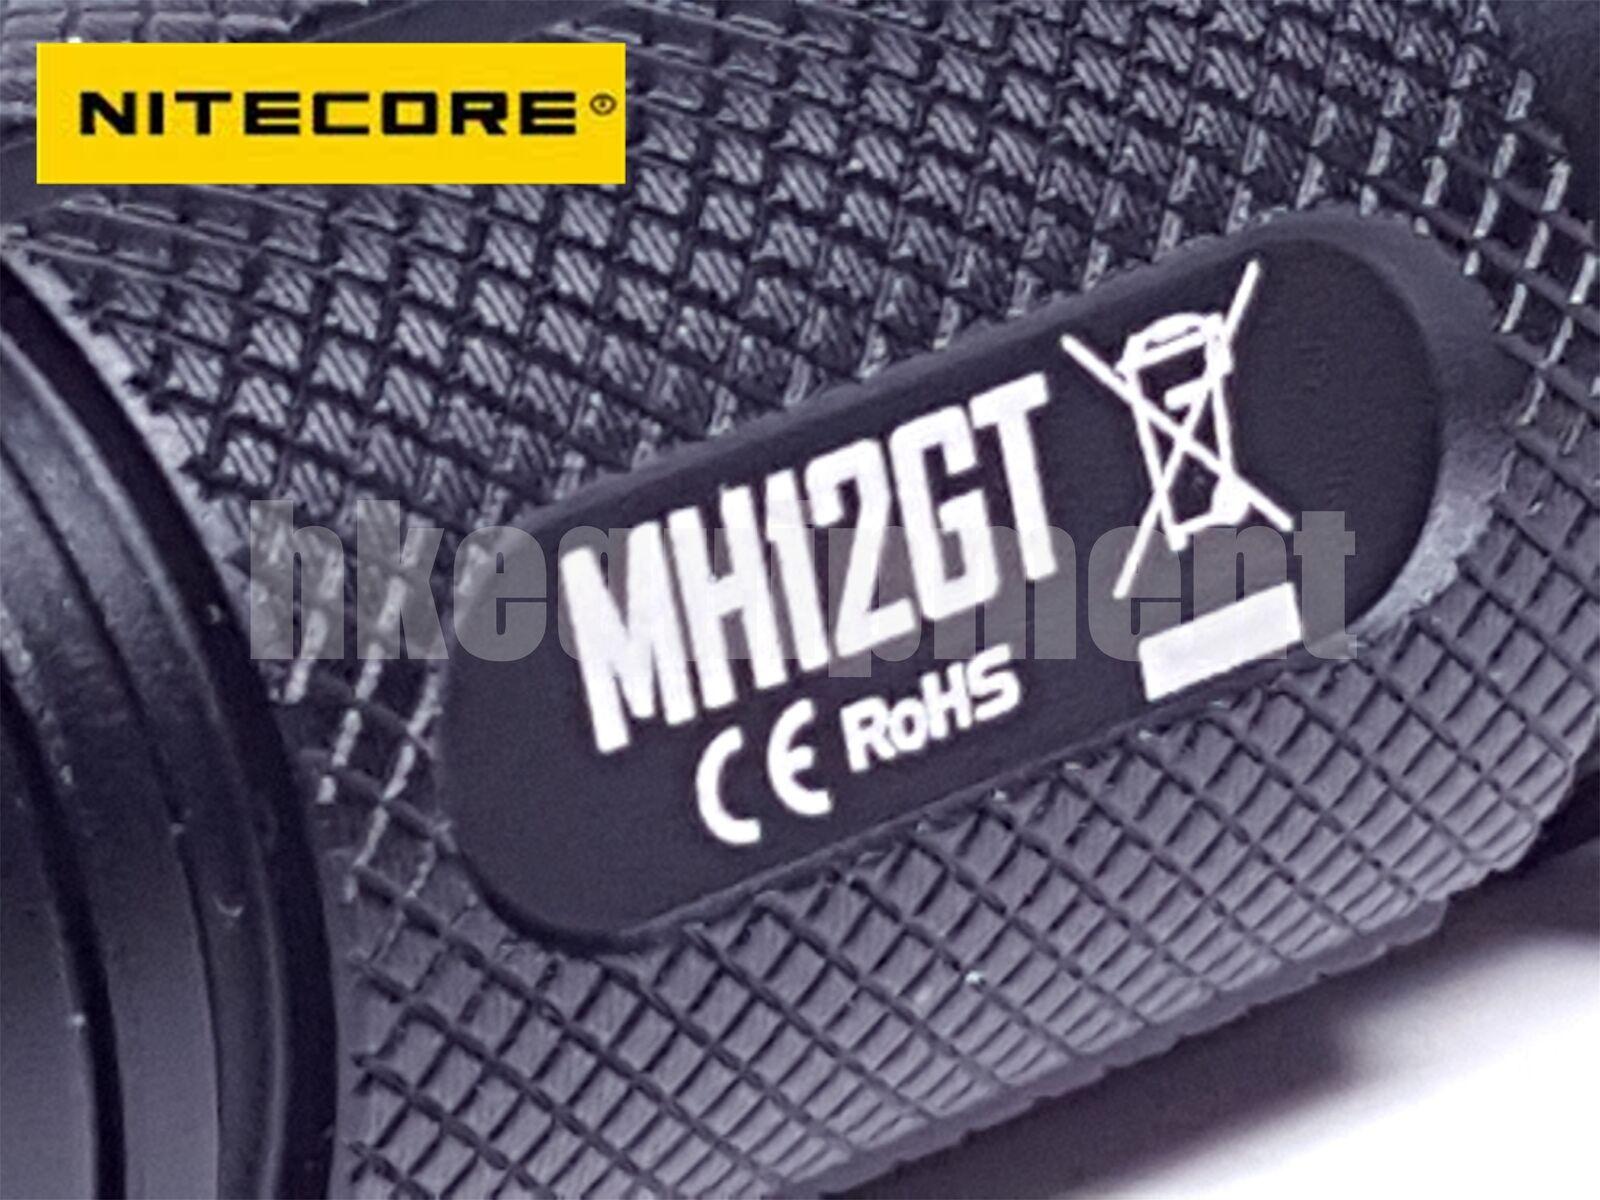 NiteCore MH12GT Cree XP-L HI Rechargeable USB Flashlight+18650 MH12